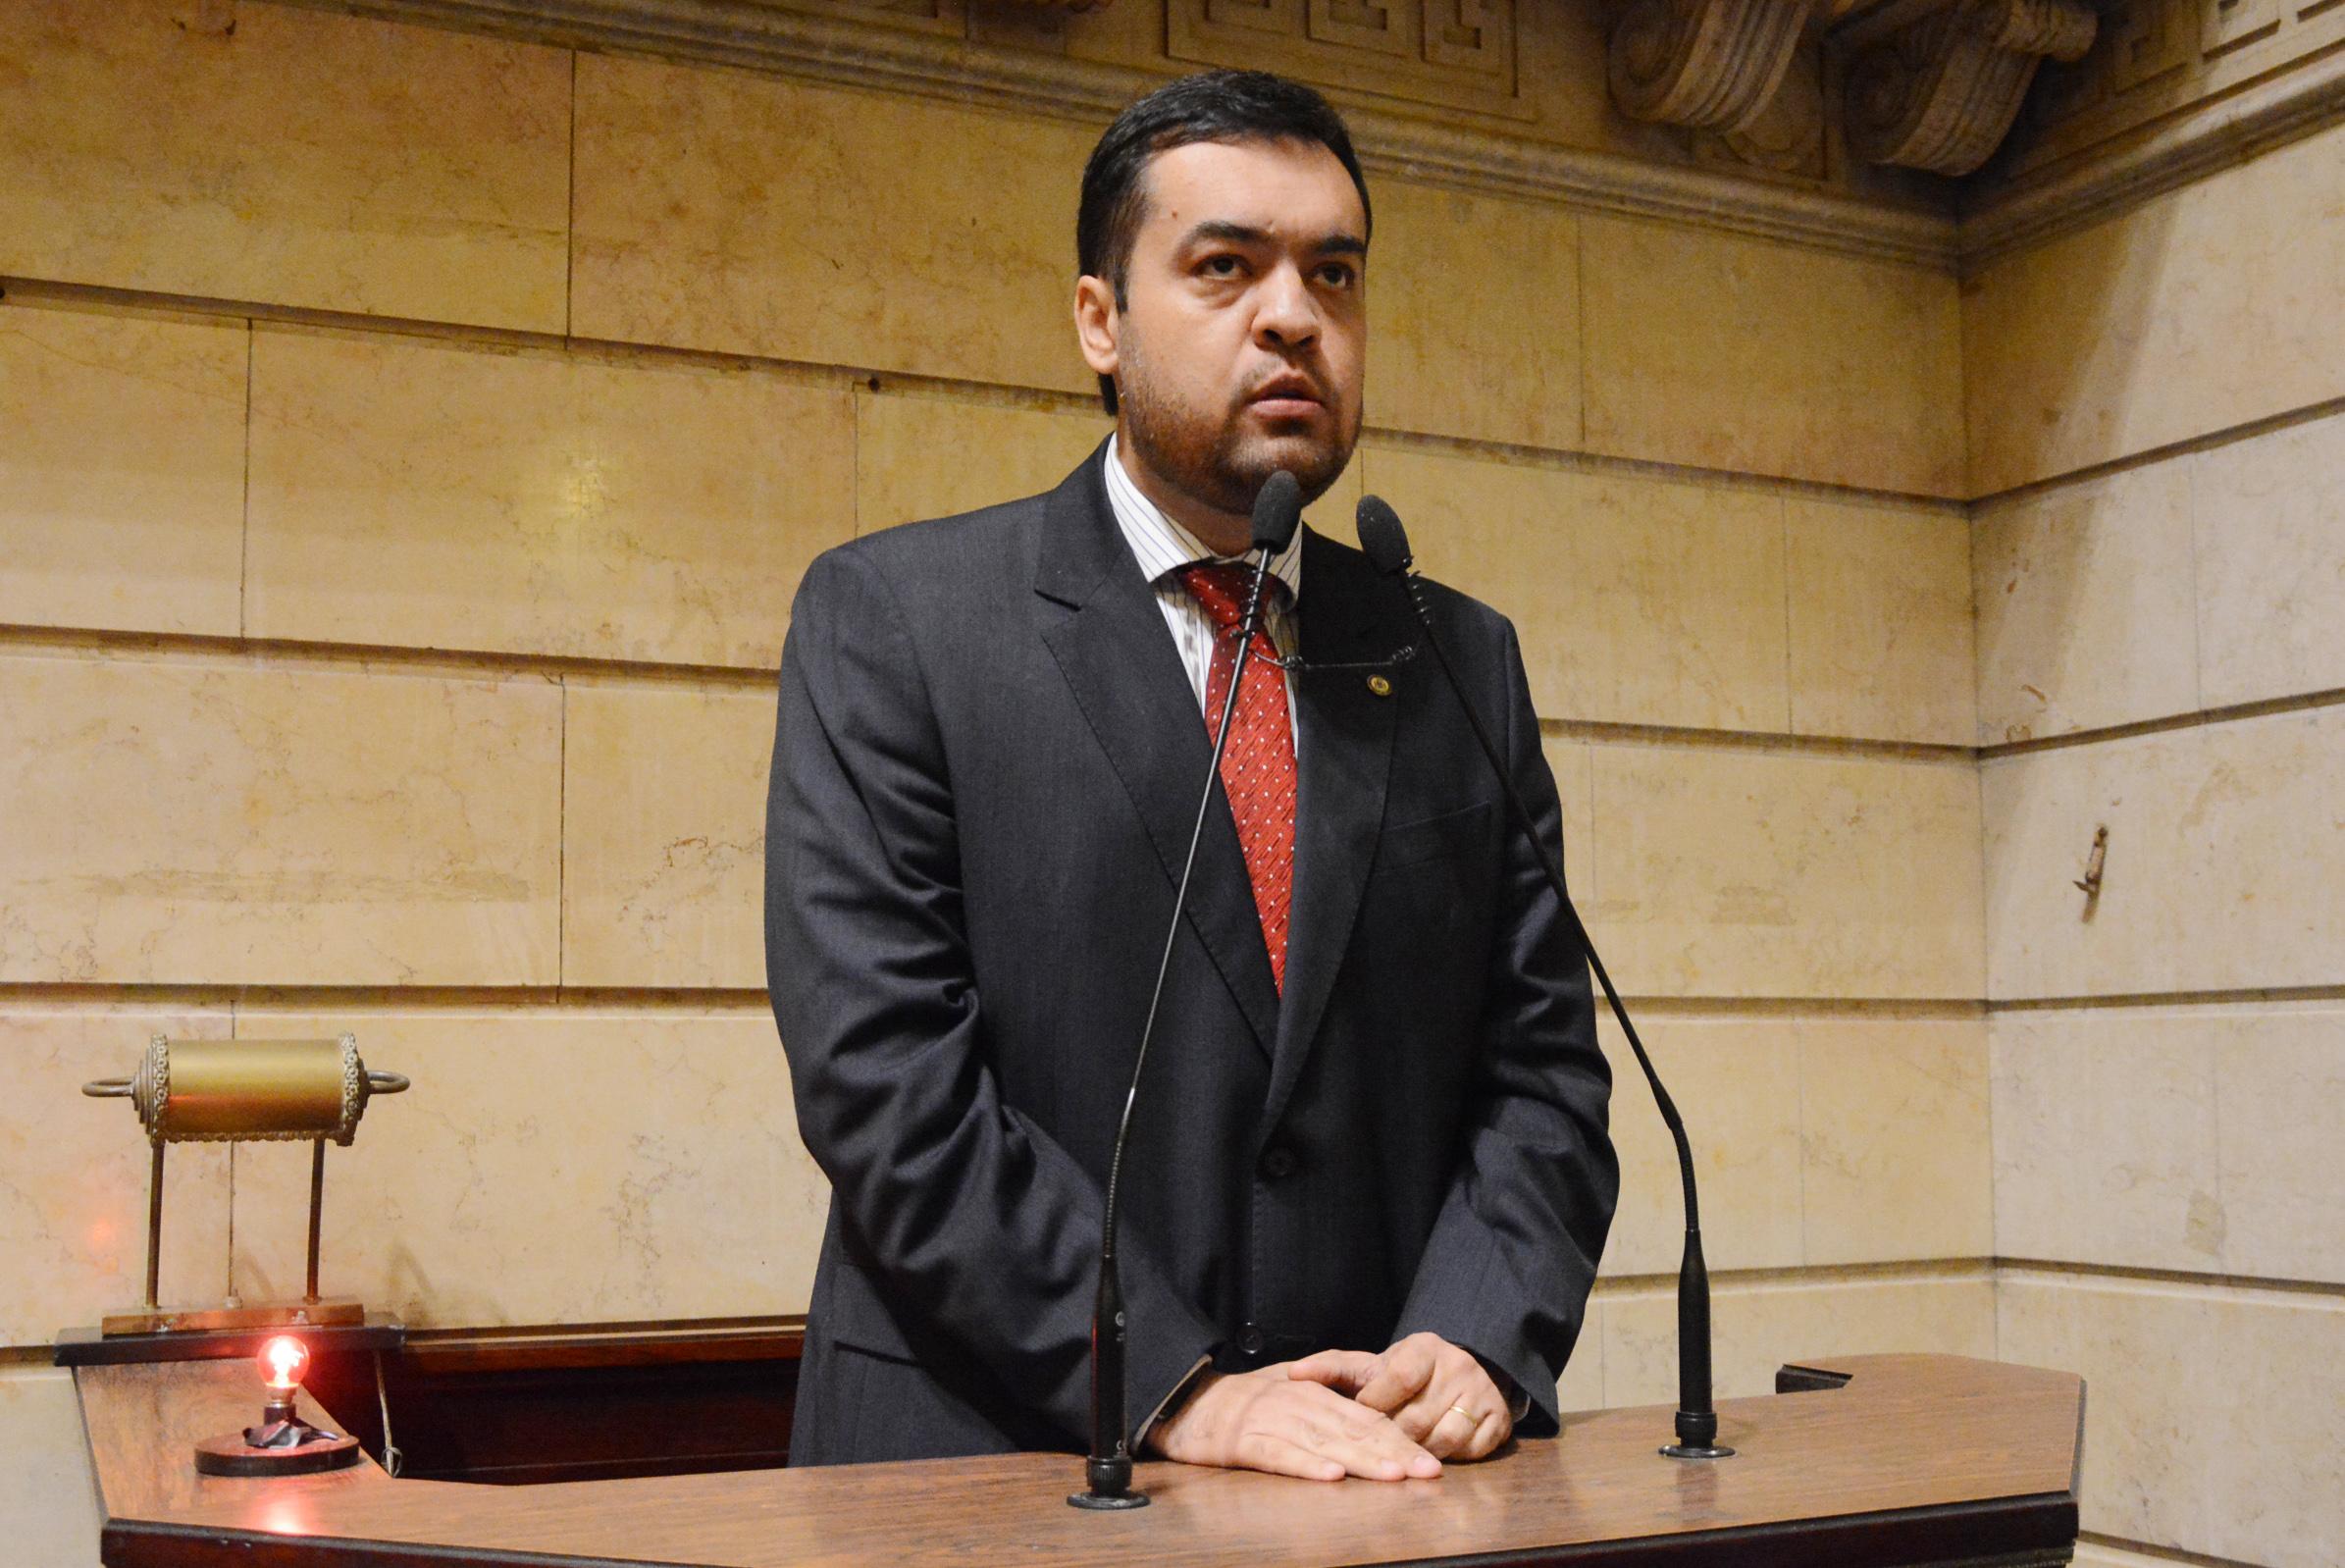 IMAGEM: Delator acusa governador interino do Rio de receber propina quando era vereador